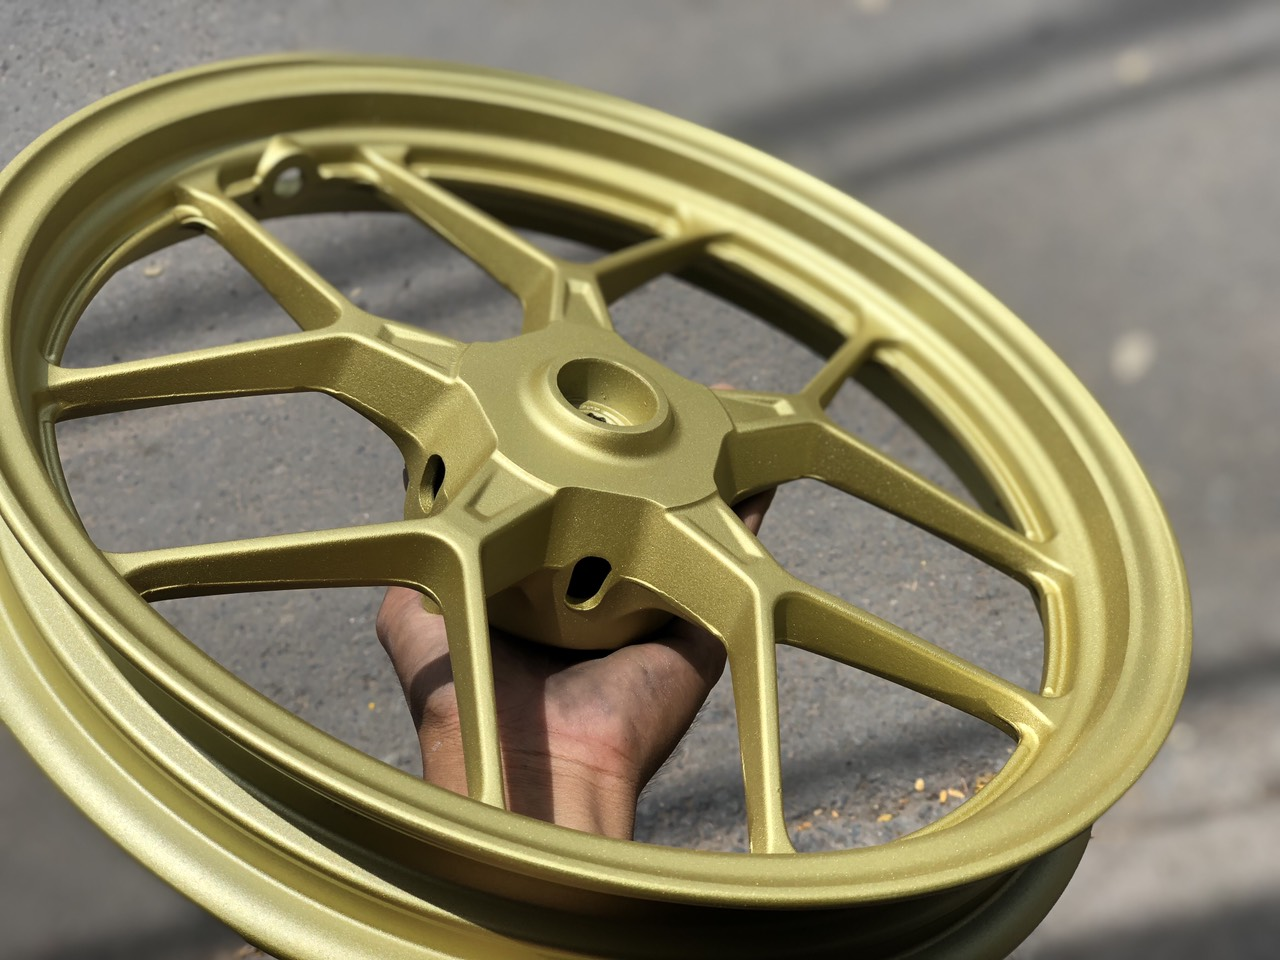 Sơn mâm xe màu vàng cực đẹp tại tphcm